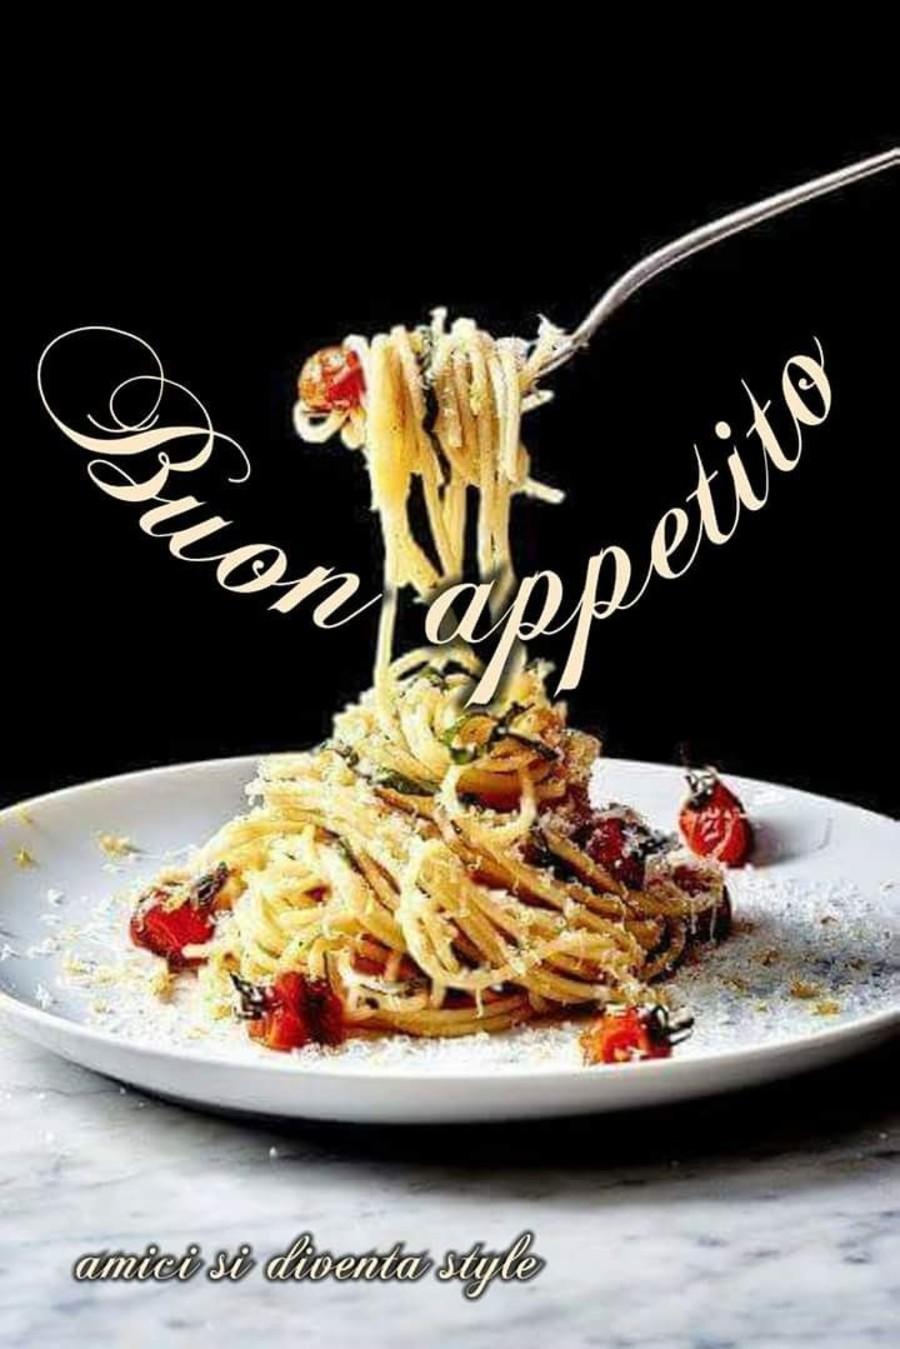 Immagini Buon Appetito generiche (6)